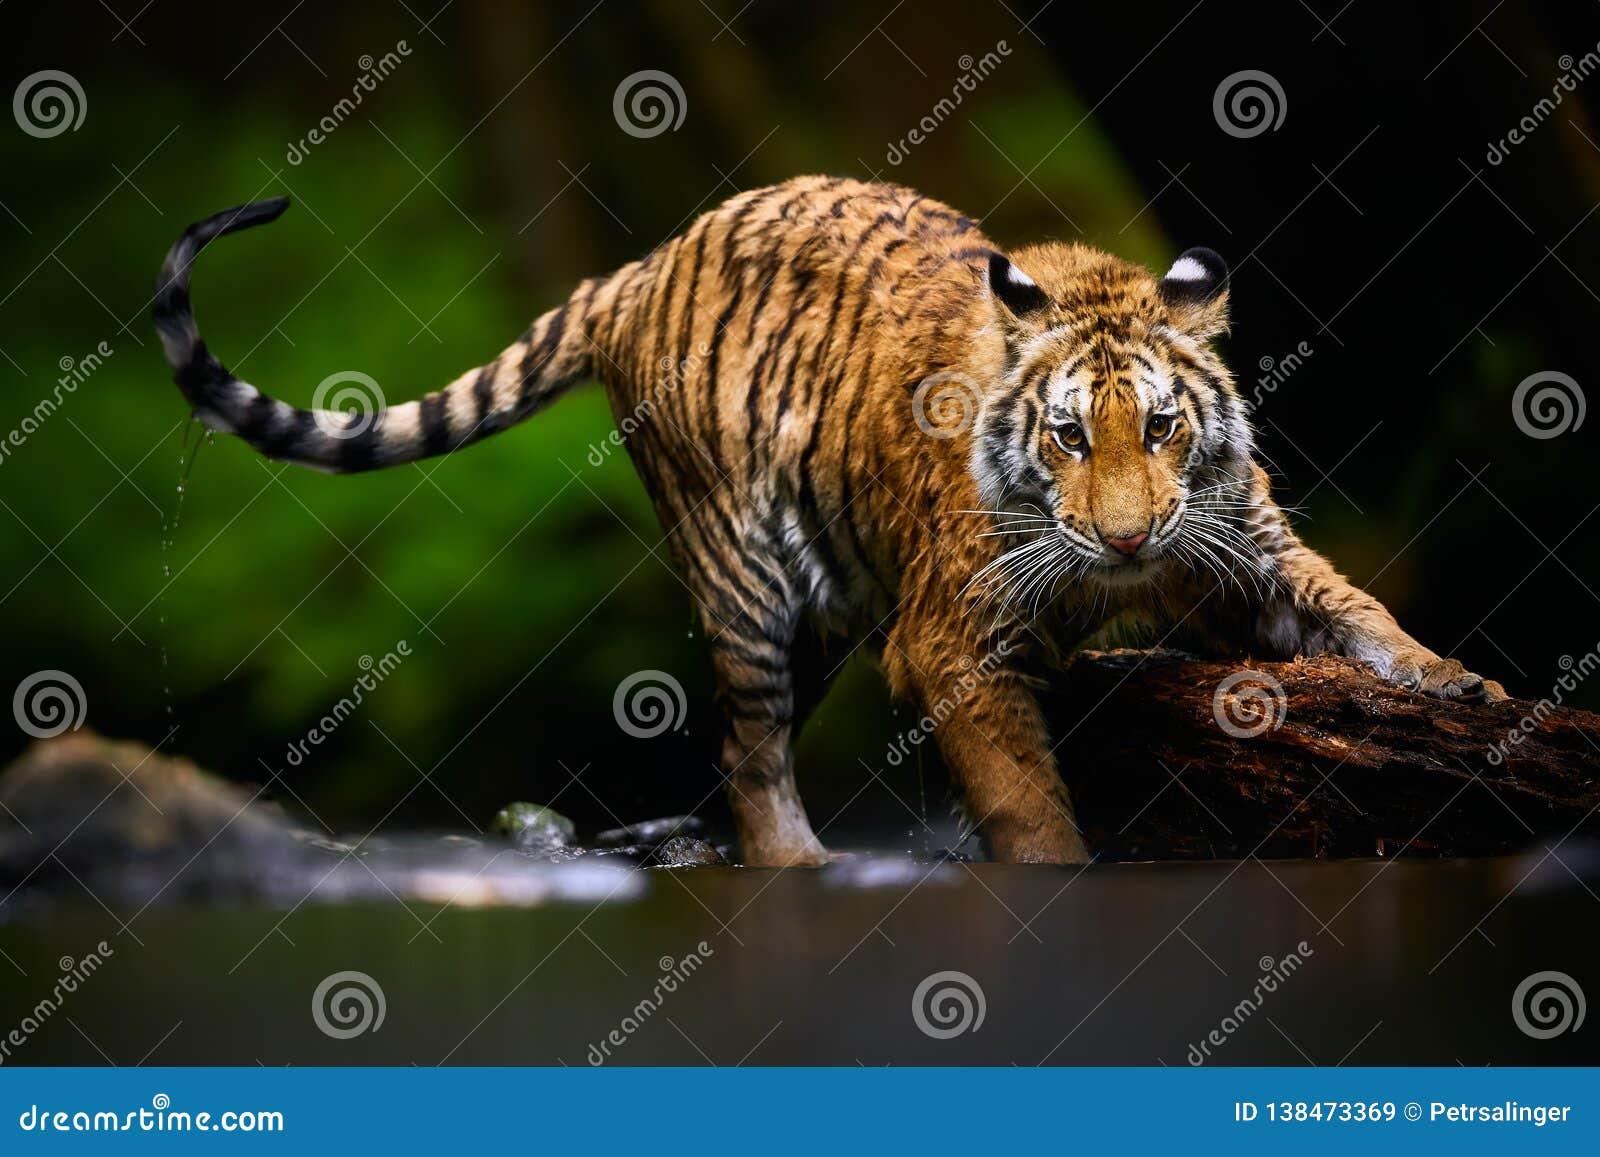 Mooie jonge Siberische tijger - altaica van Panthera Tigris speelt in de rivier met groot hout De scène van het actiewild